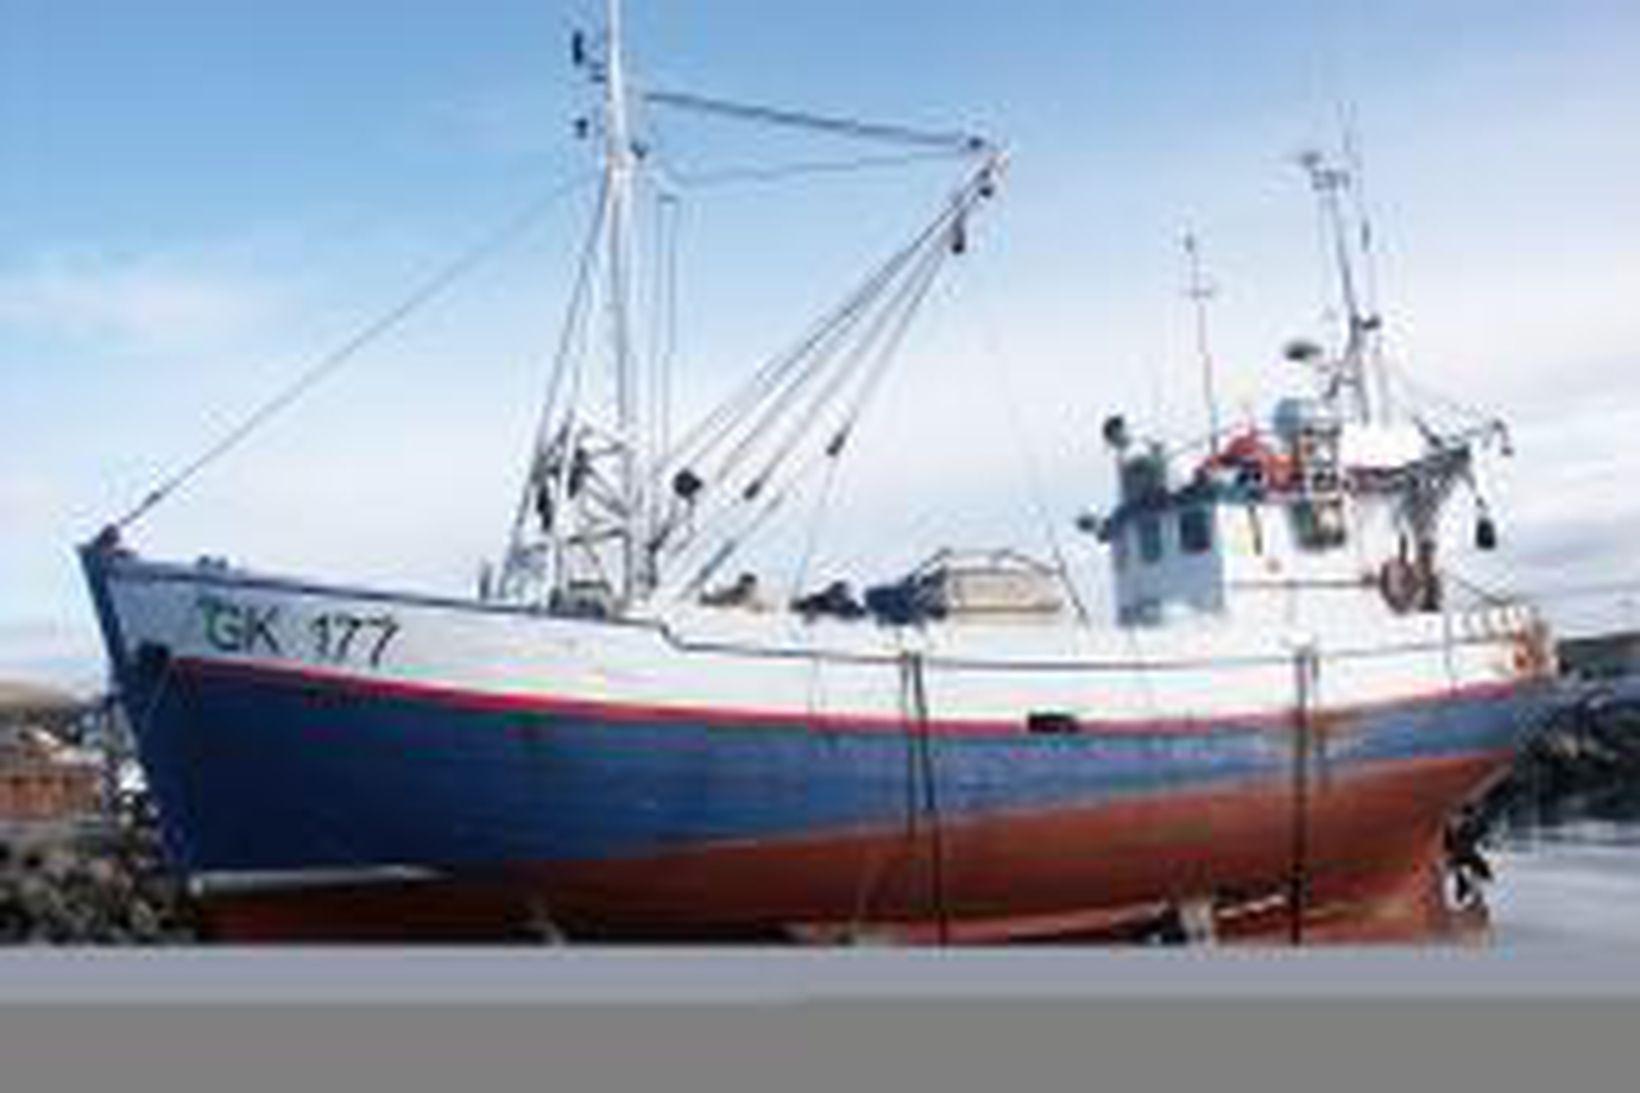 Reynir GK-177 í slipp í Húsavík.